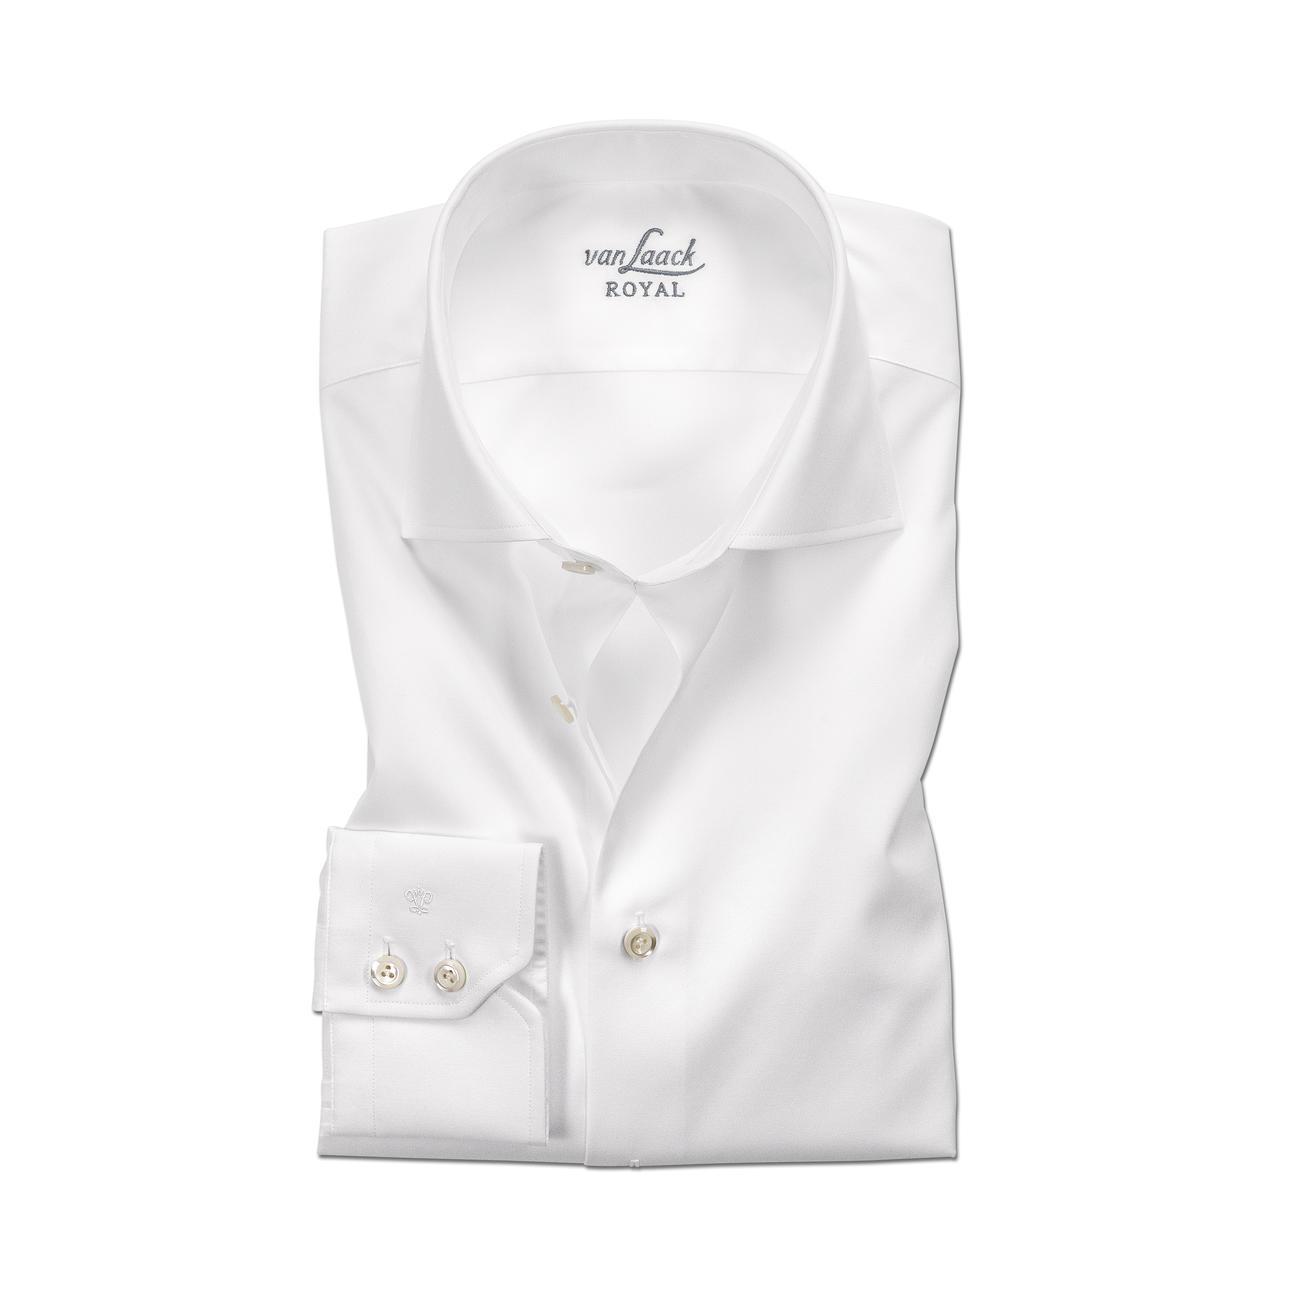 van laack premium shirt royal tailor fit or slim fit. Black Bedroom Furniture Sets. Home Design Ideas